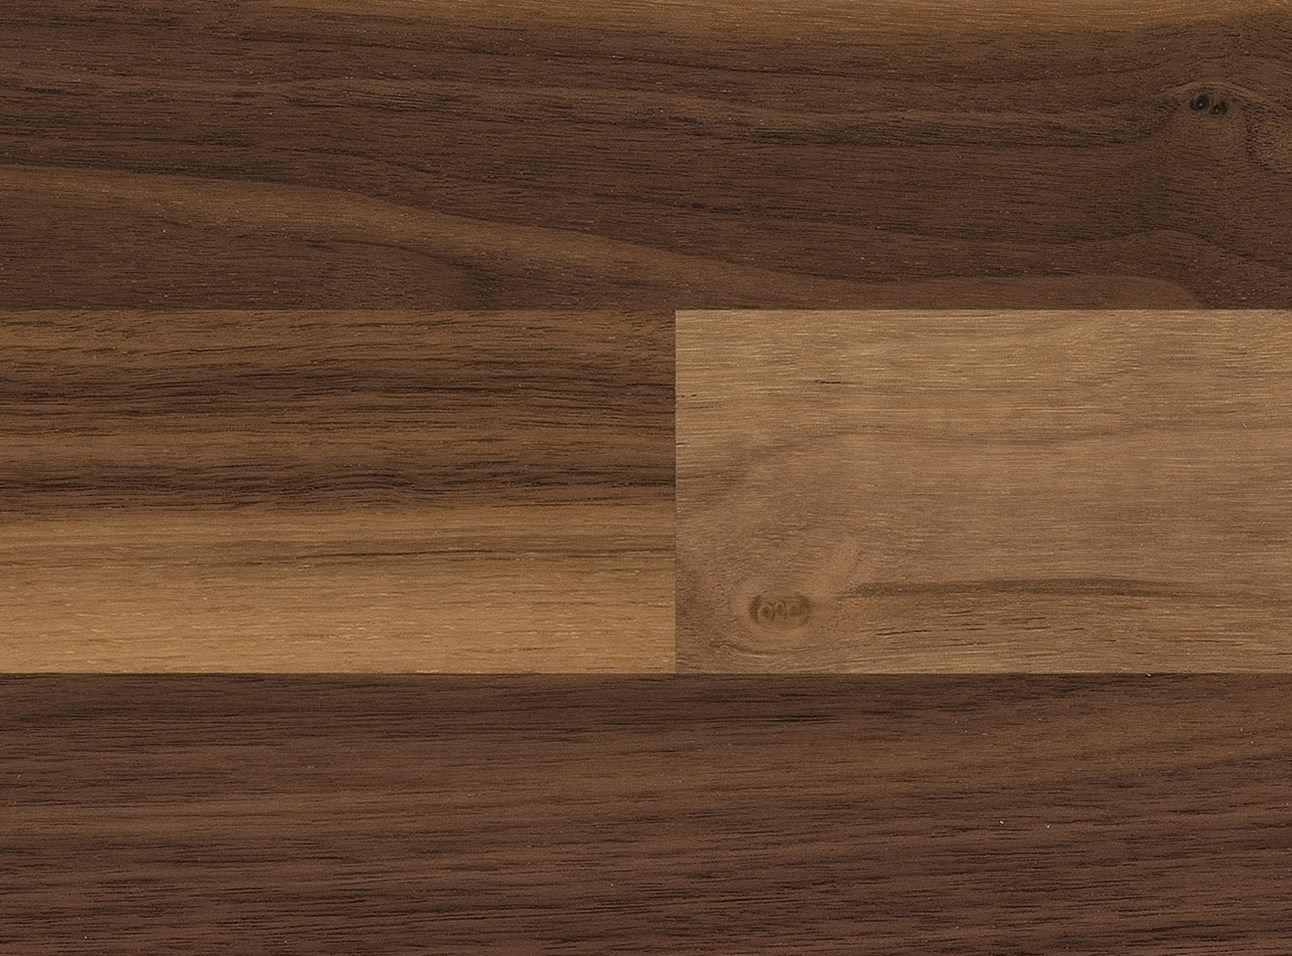 Full Size of Küche Betonoptik Holzboden Nussbaum Parkett Gnstig Sicher Kaufen Aufbewahrung Schmales Regal Wandbelag Modulküche Laminat In Der Abfalleimer Sitzgruppe Wohnzimmer Küche Betonoptik Holzboden